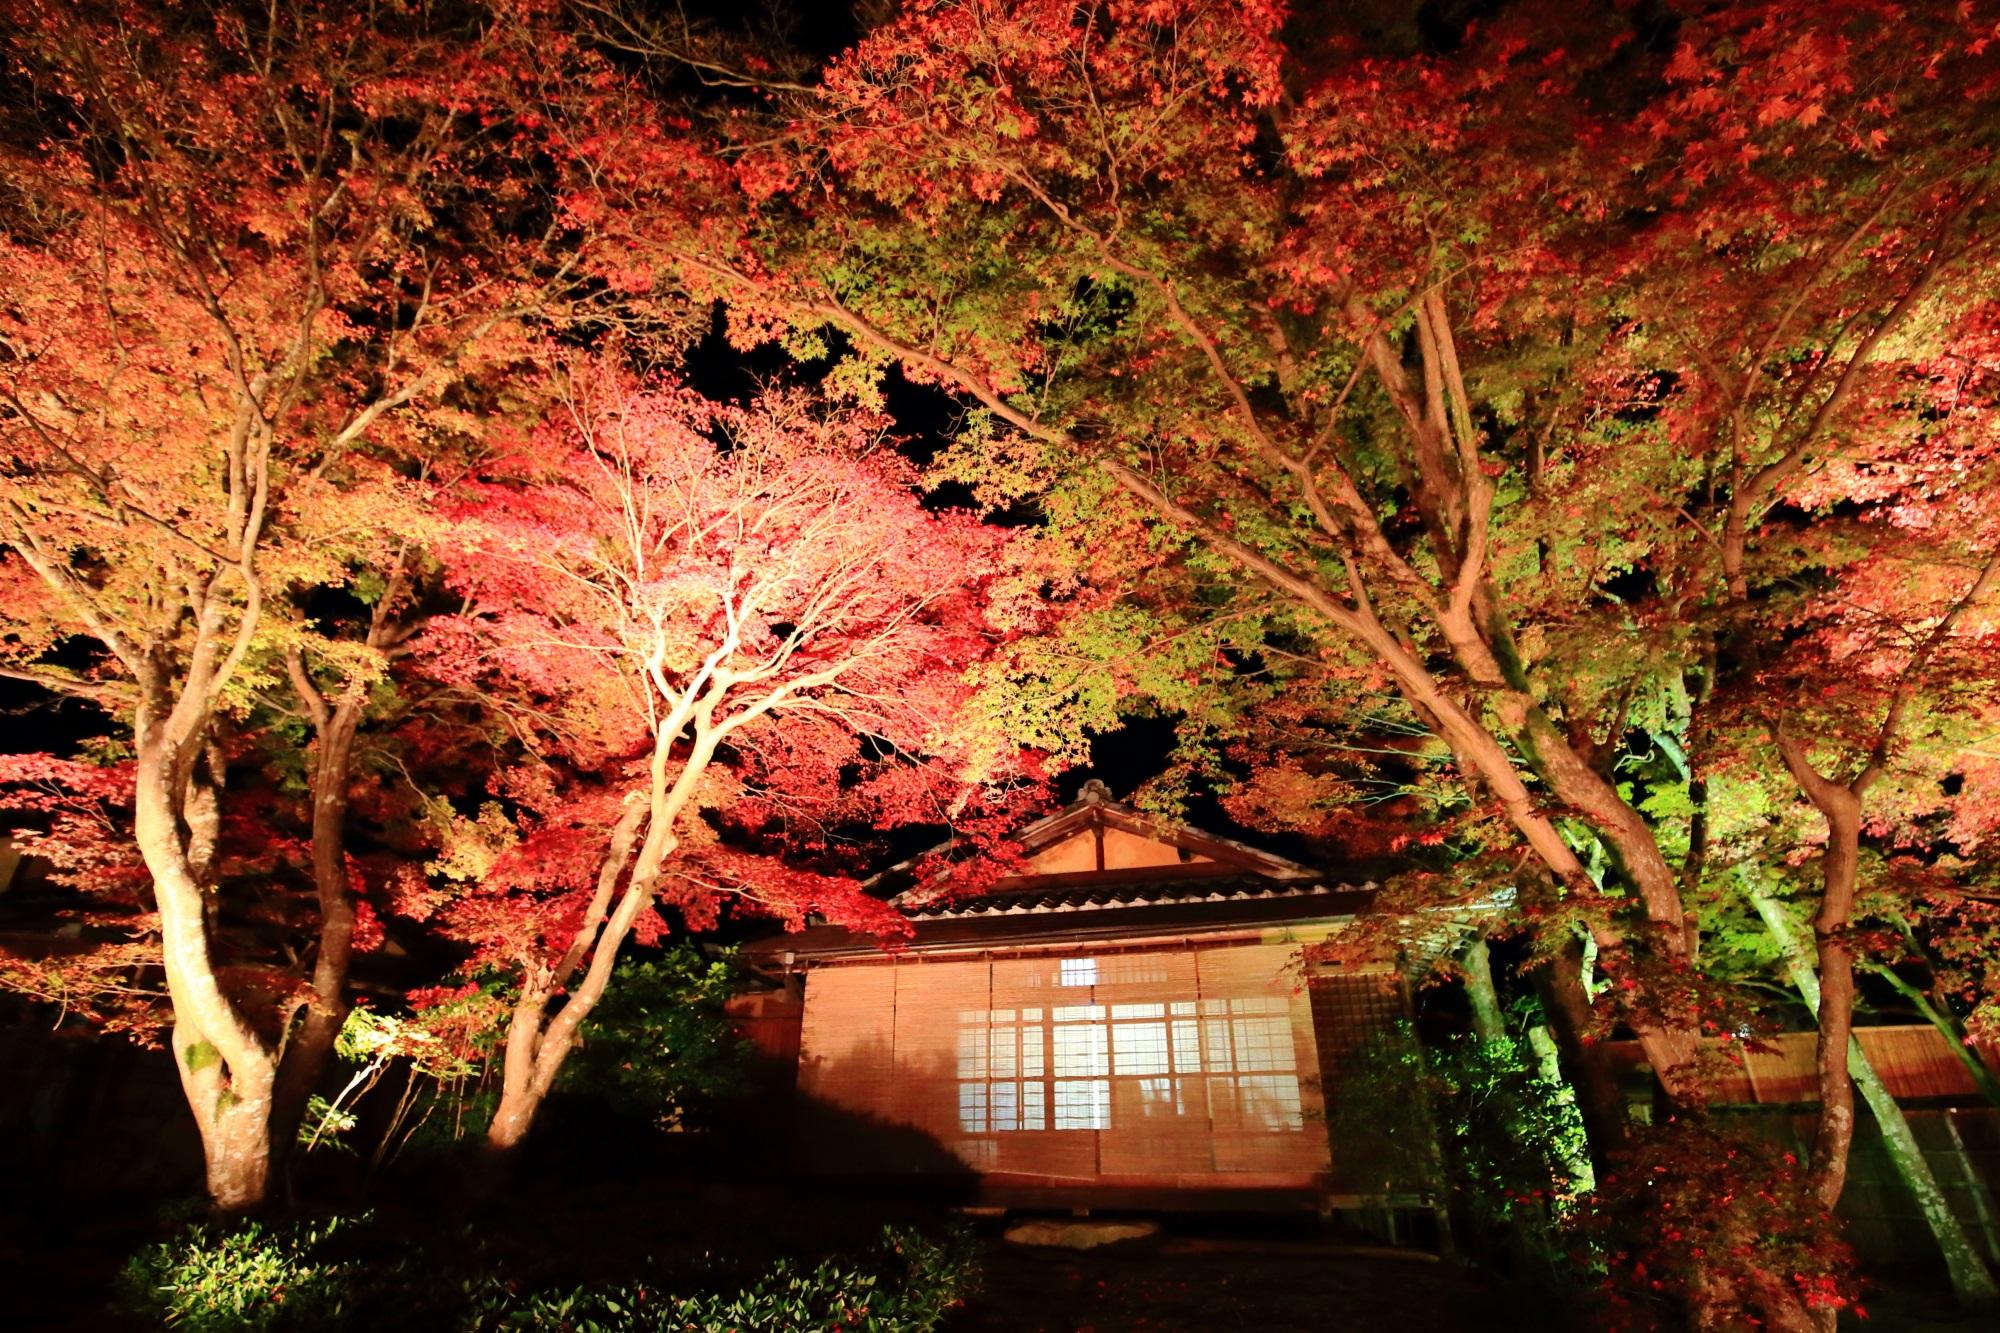 美しい紅葉につつまれた嵐山の宝厳院の獅子吼の庭